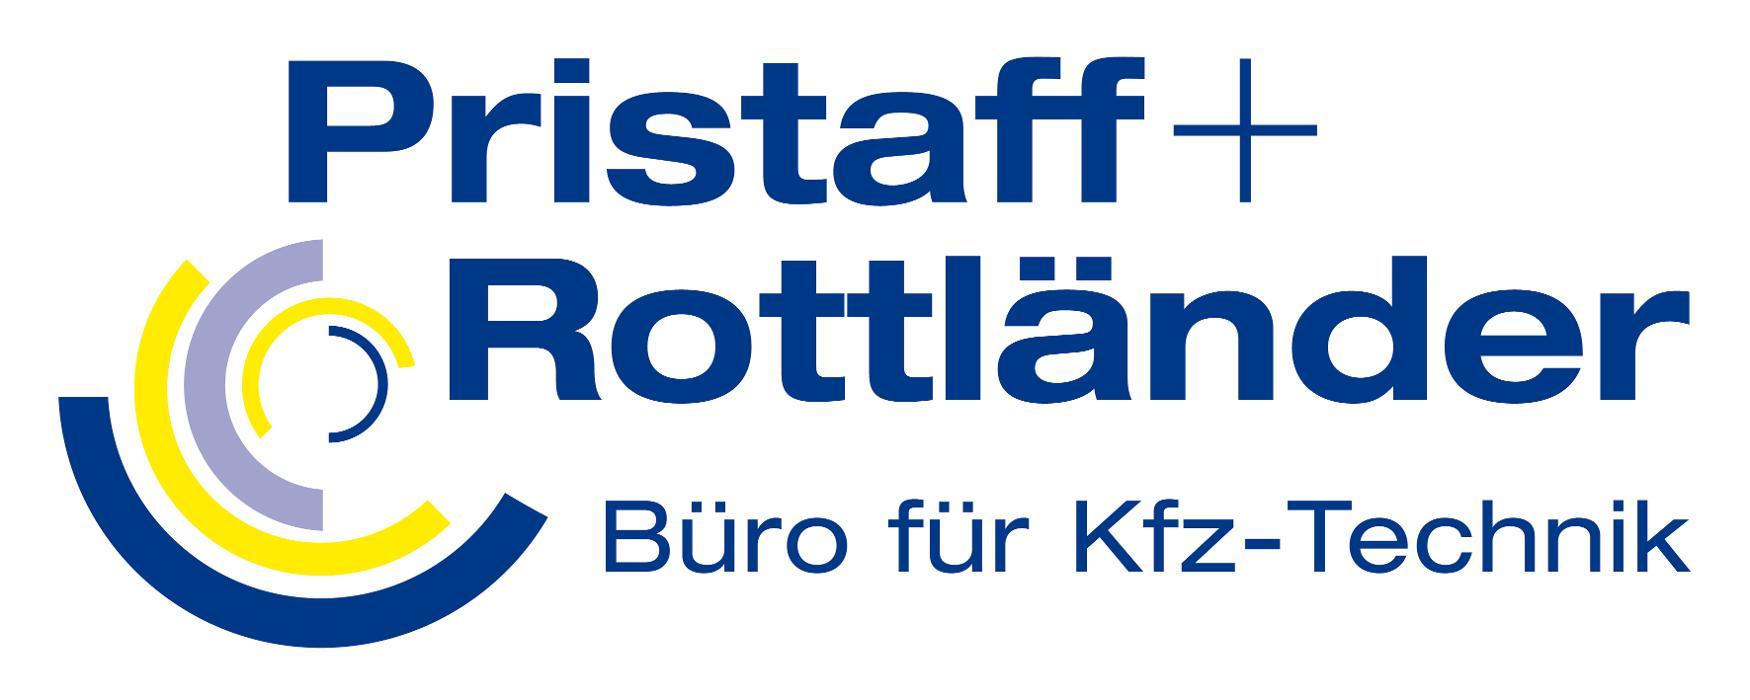 Logo von Büro für Kfz.-Technik Pristaff & Rottländer GmbH